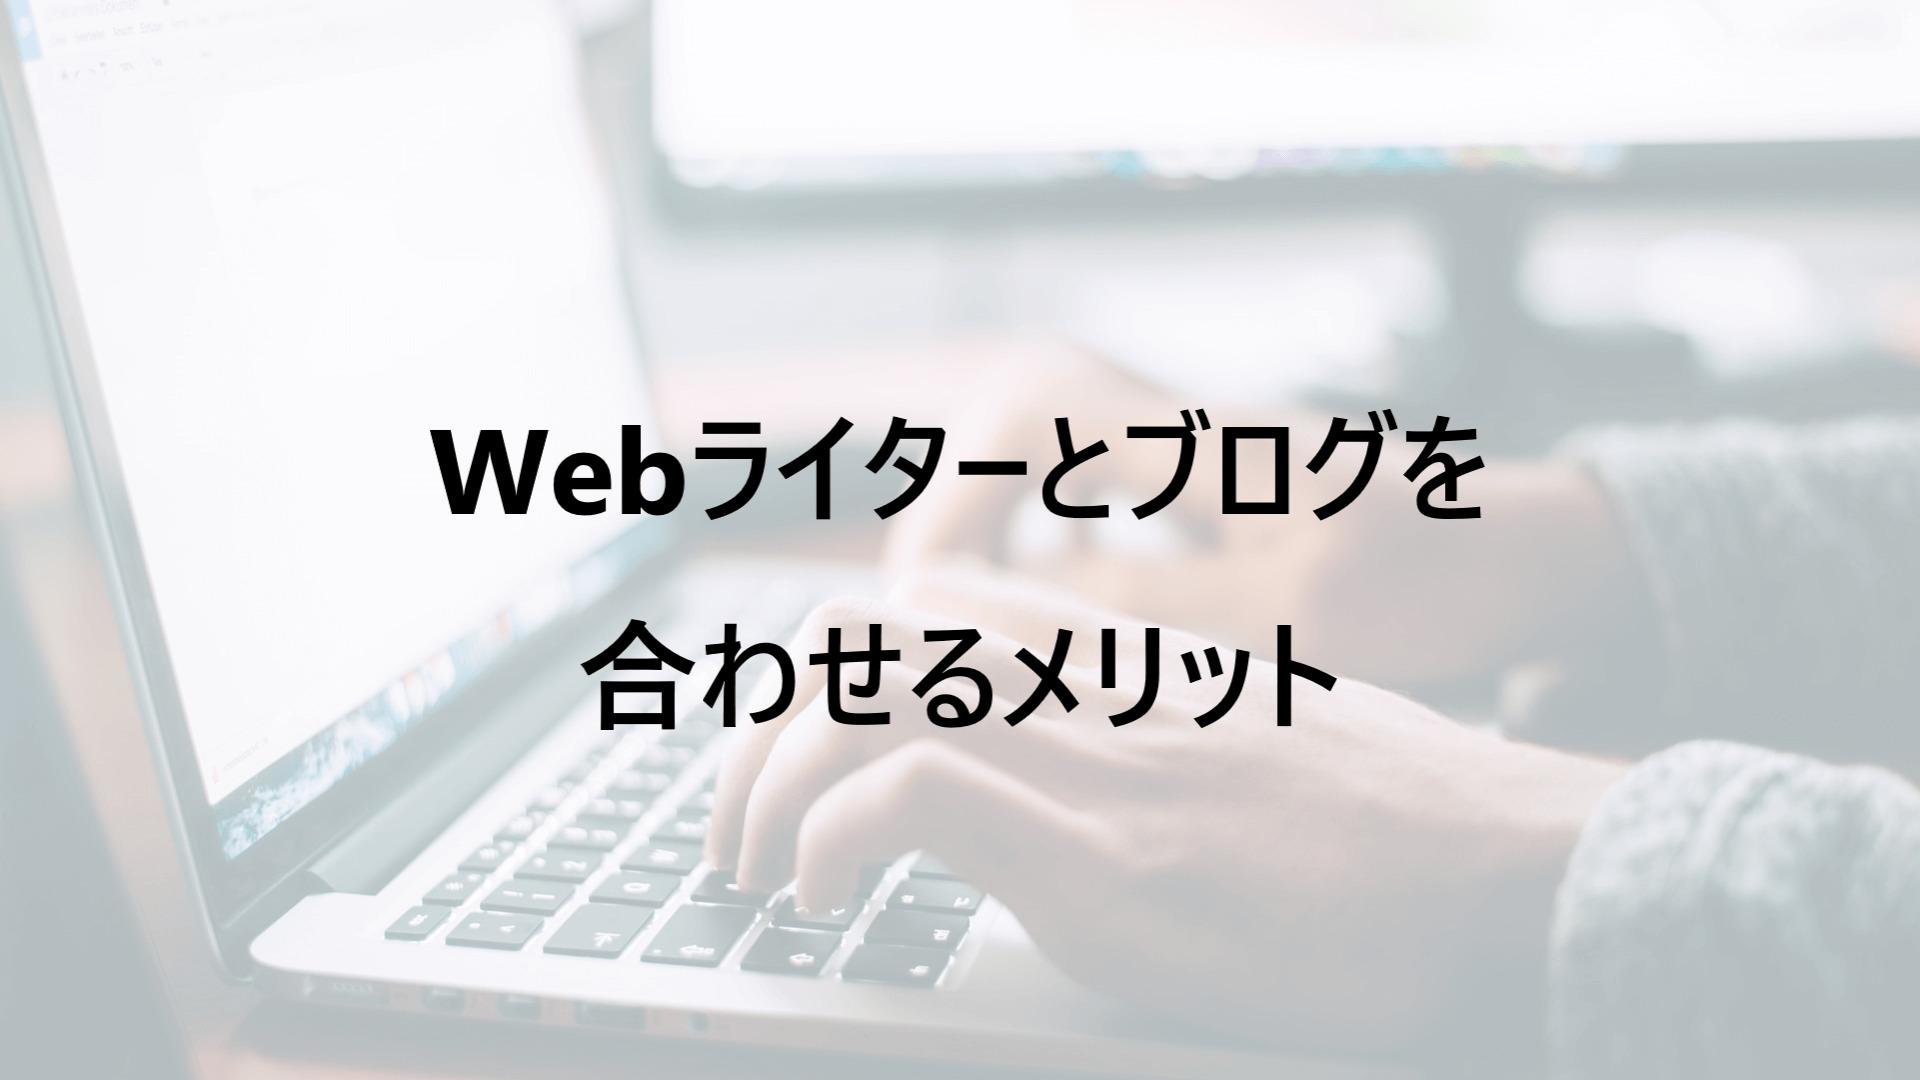 Webライターとブログを合わせるメリット